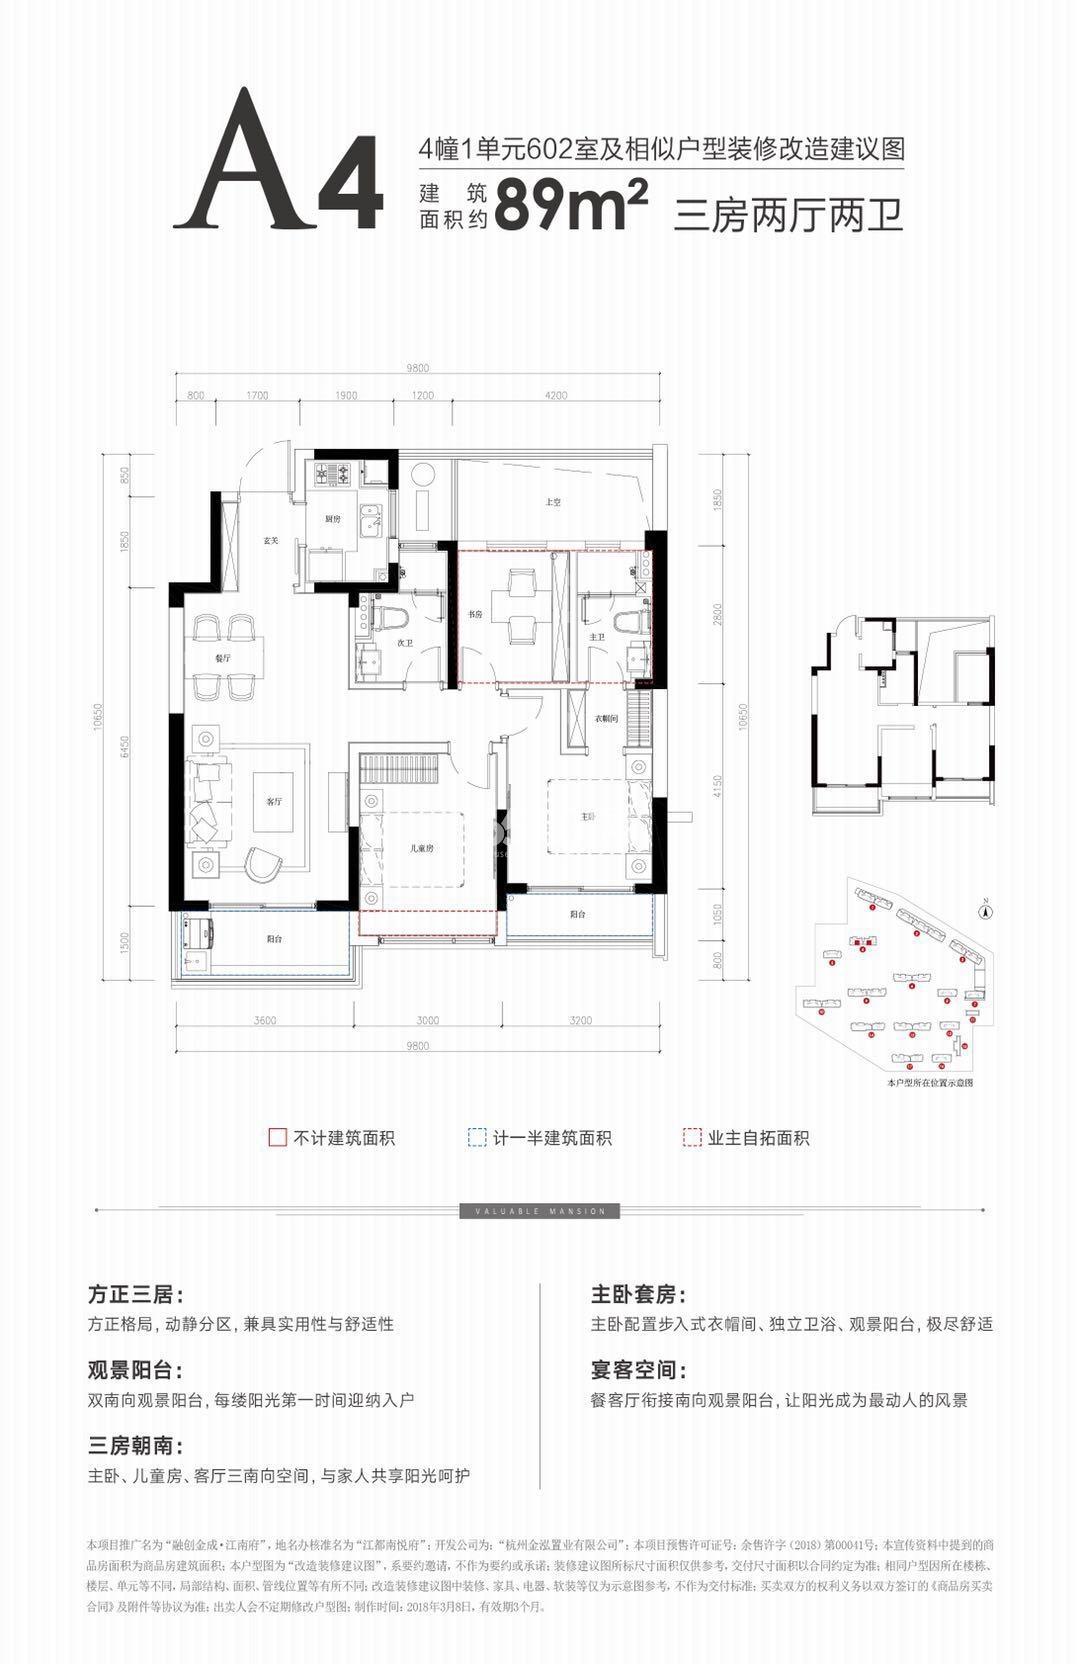 融创金成江南府项目4号楼A4户型89方